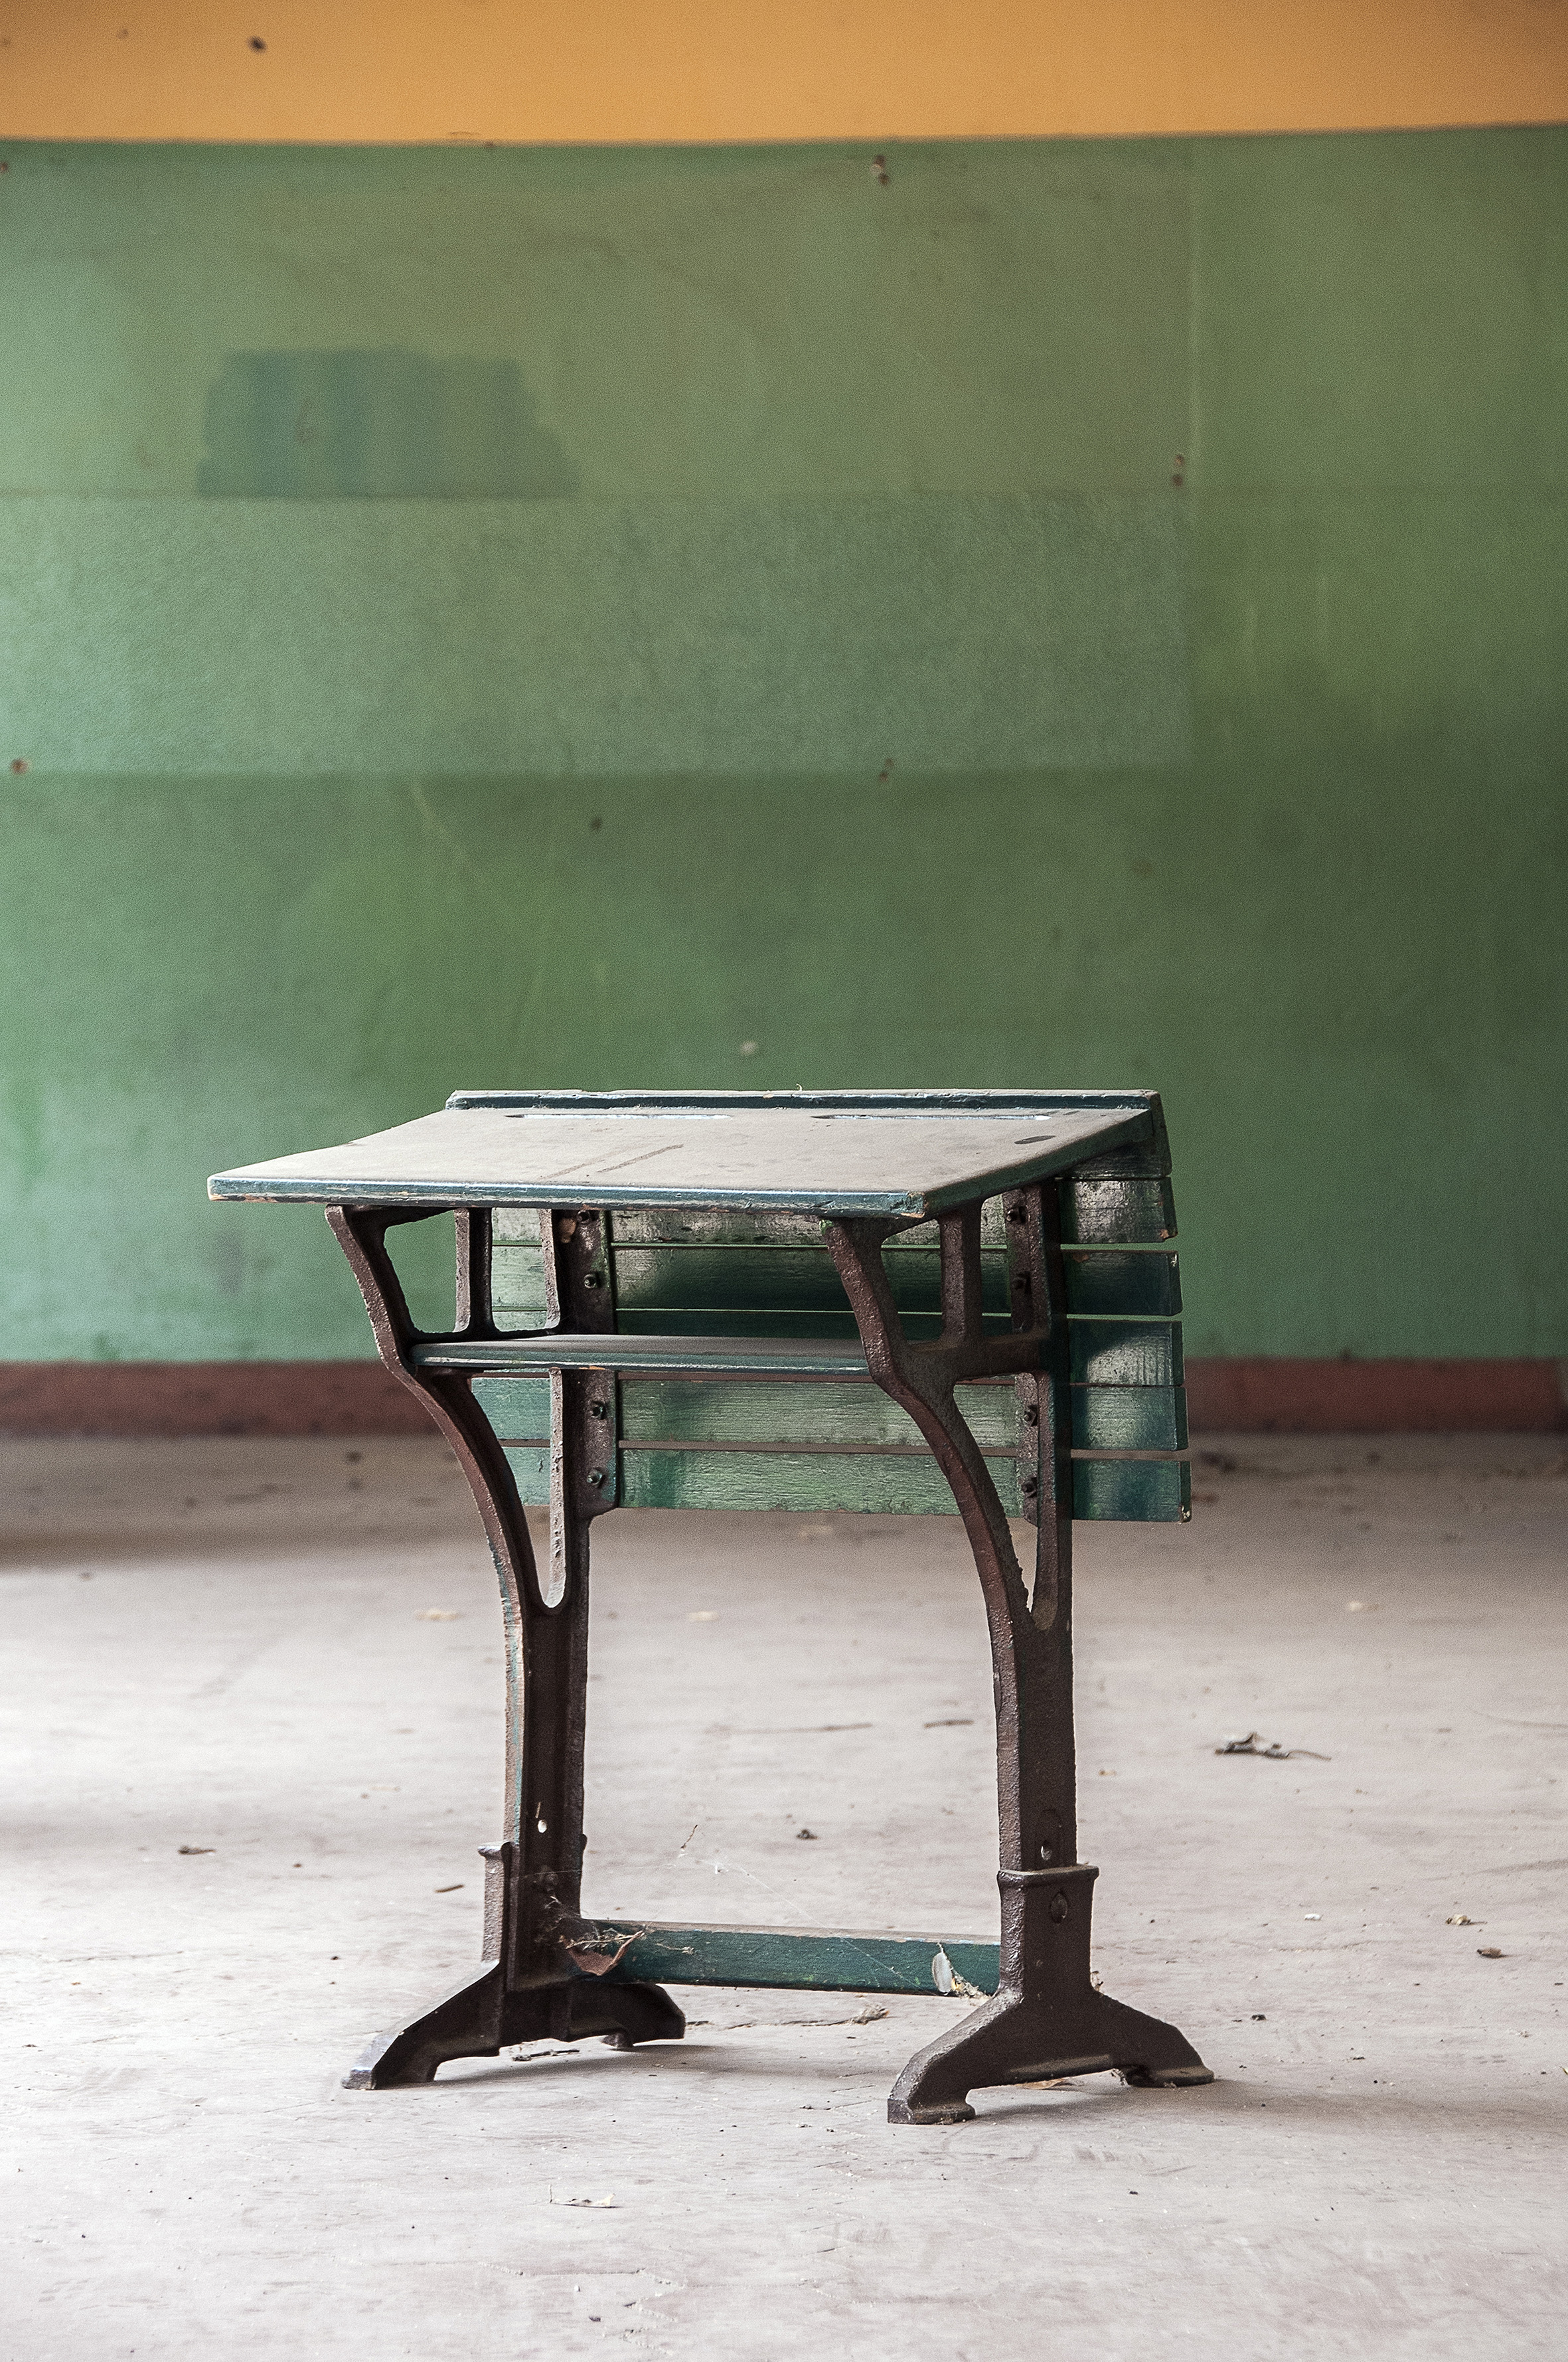 Education_for_all_Guilherme_Bergamini_05.jpg